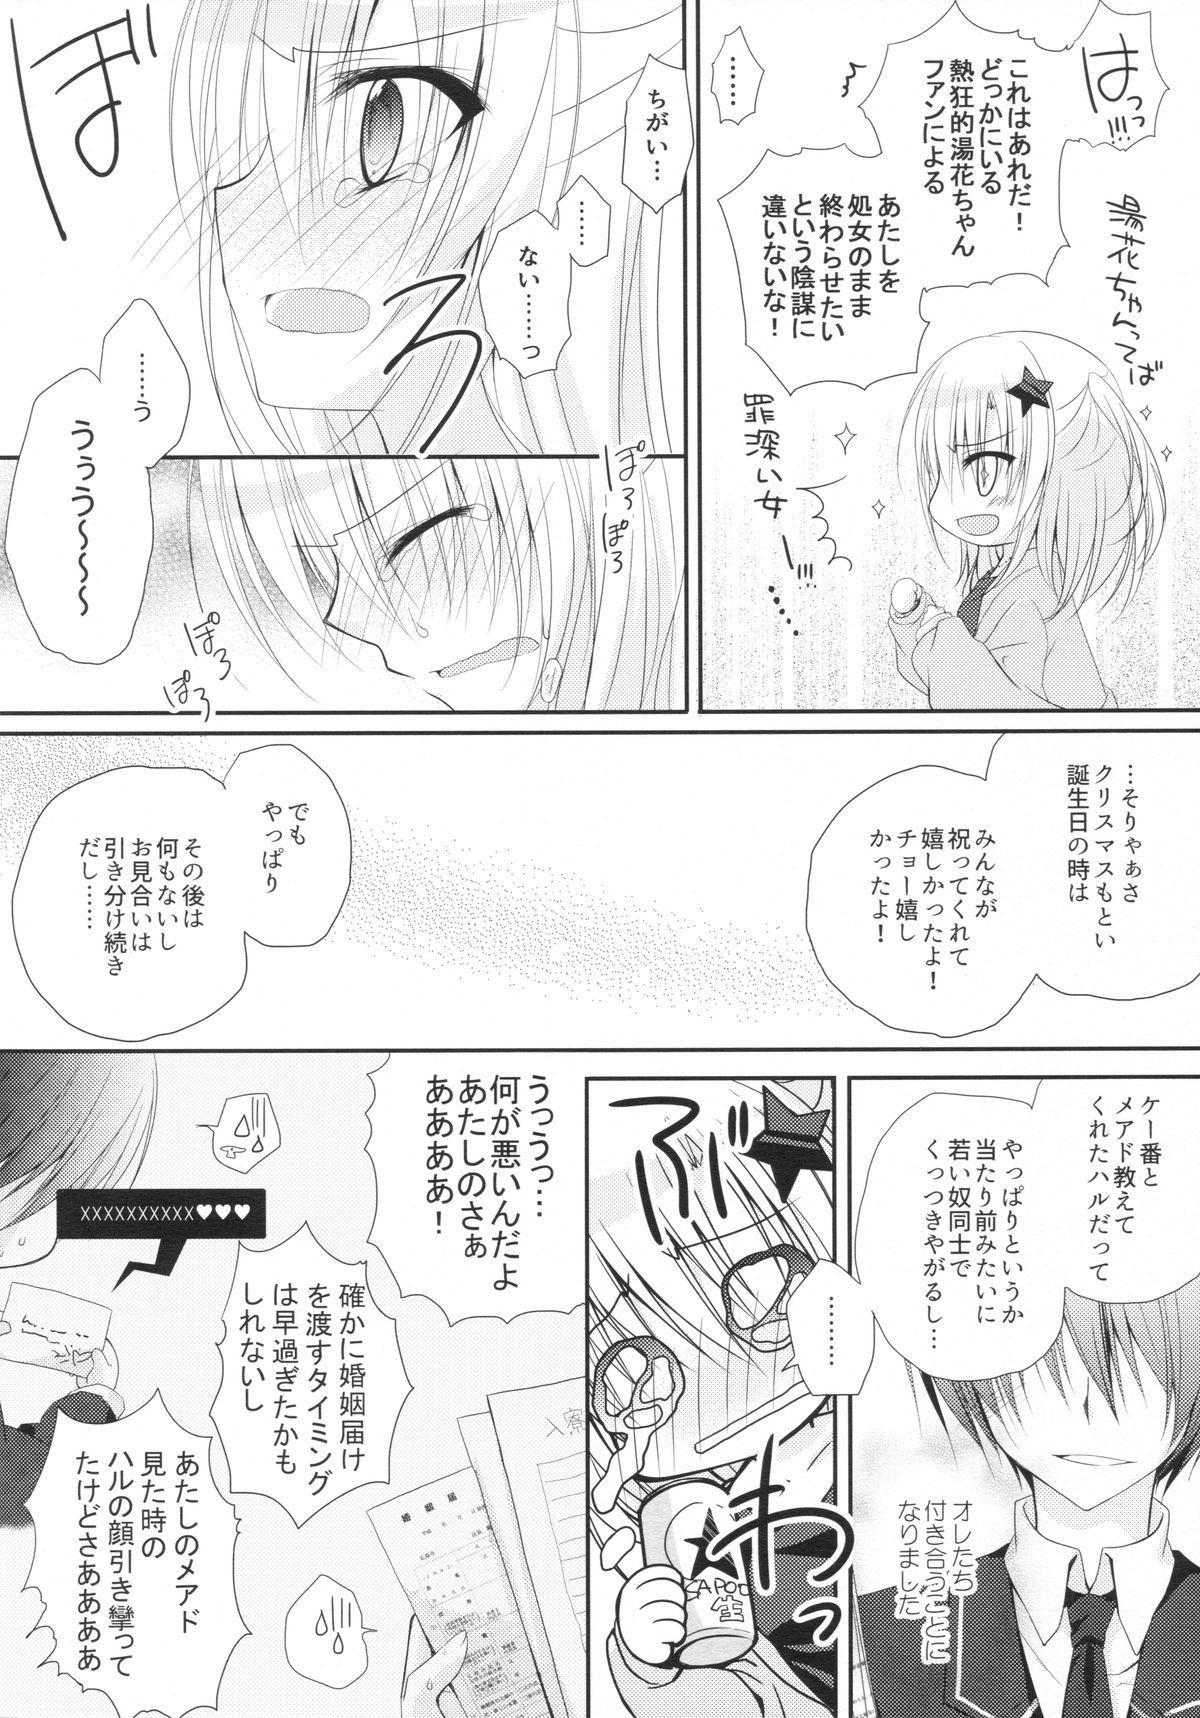 Yuka Sensei 29-sai 4